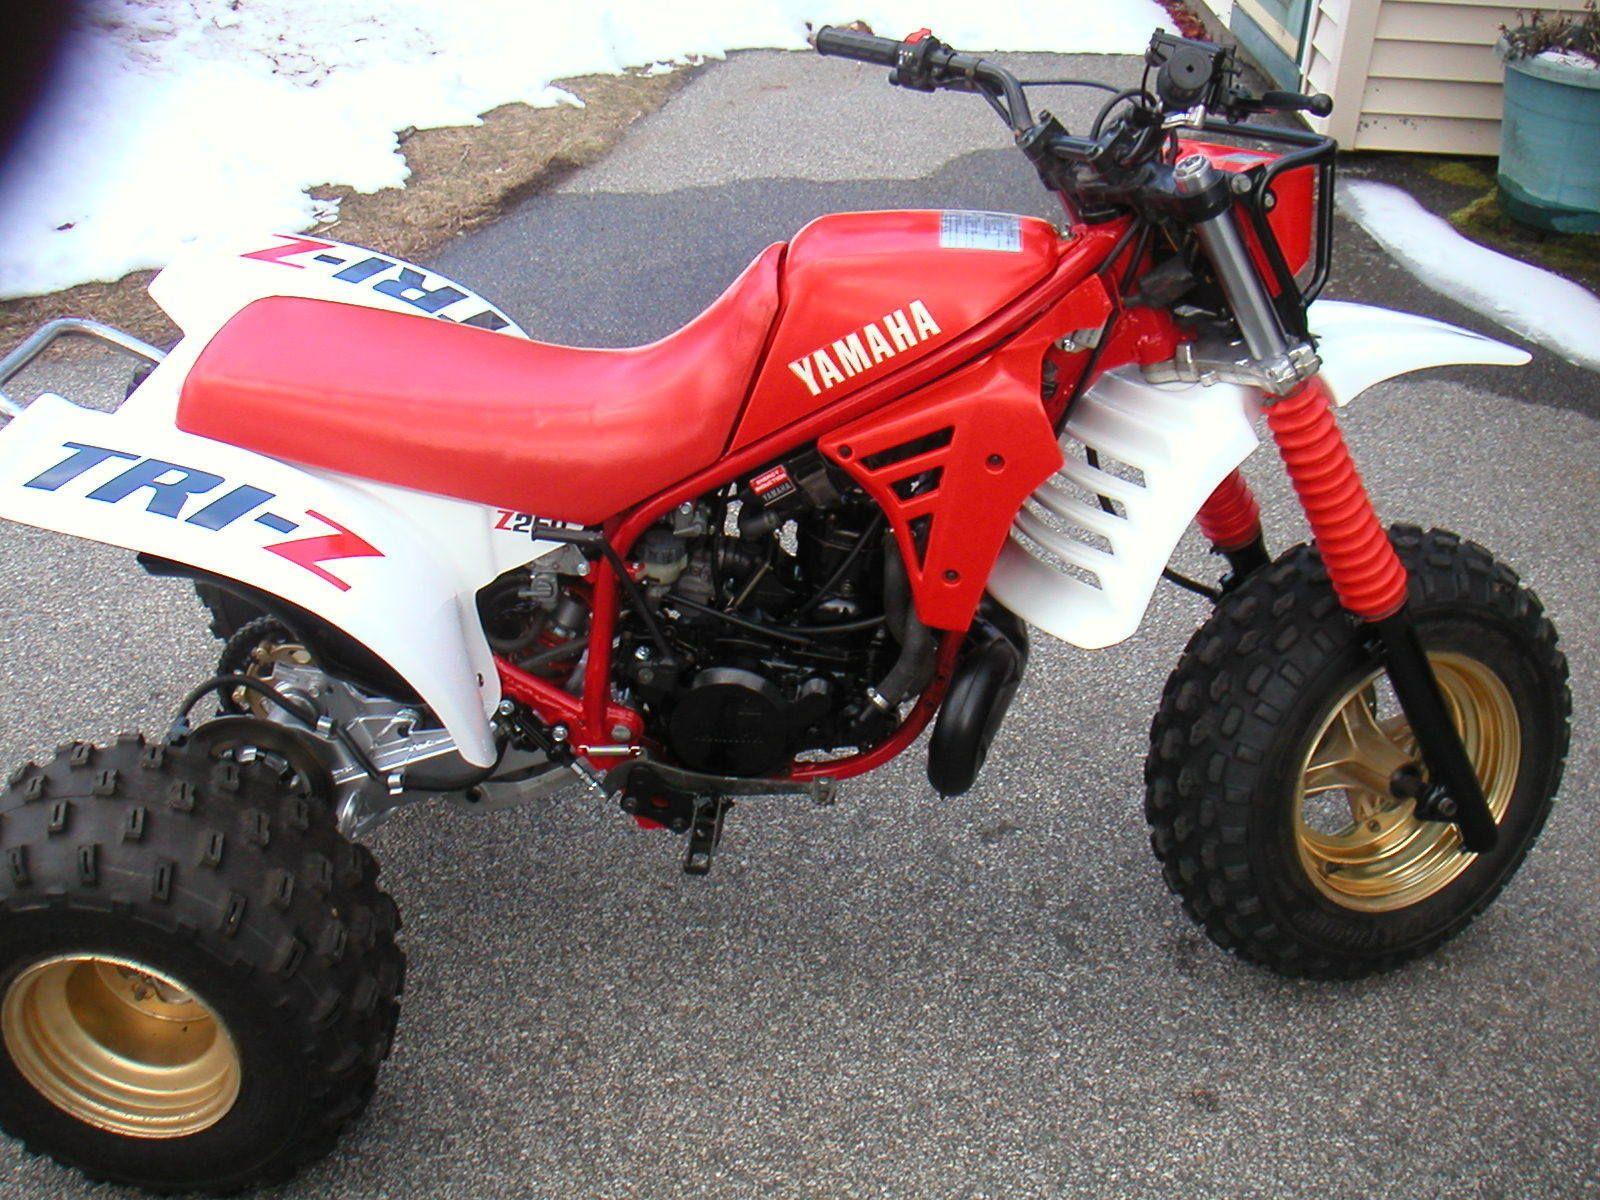 Yamaha Tri Z 250 Atc Trike Motorcycle Dirtbikes Atc